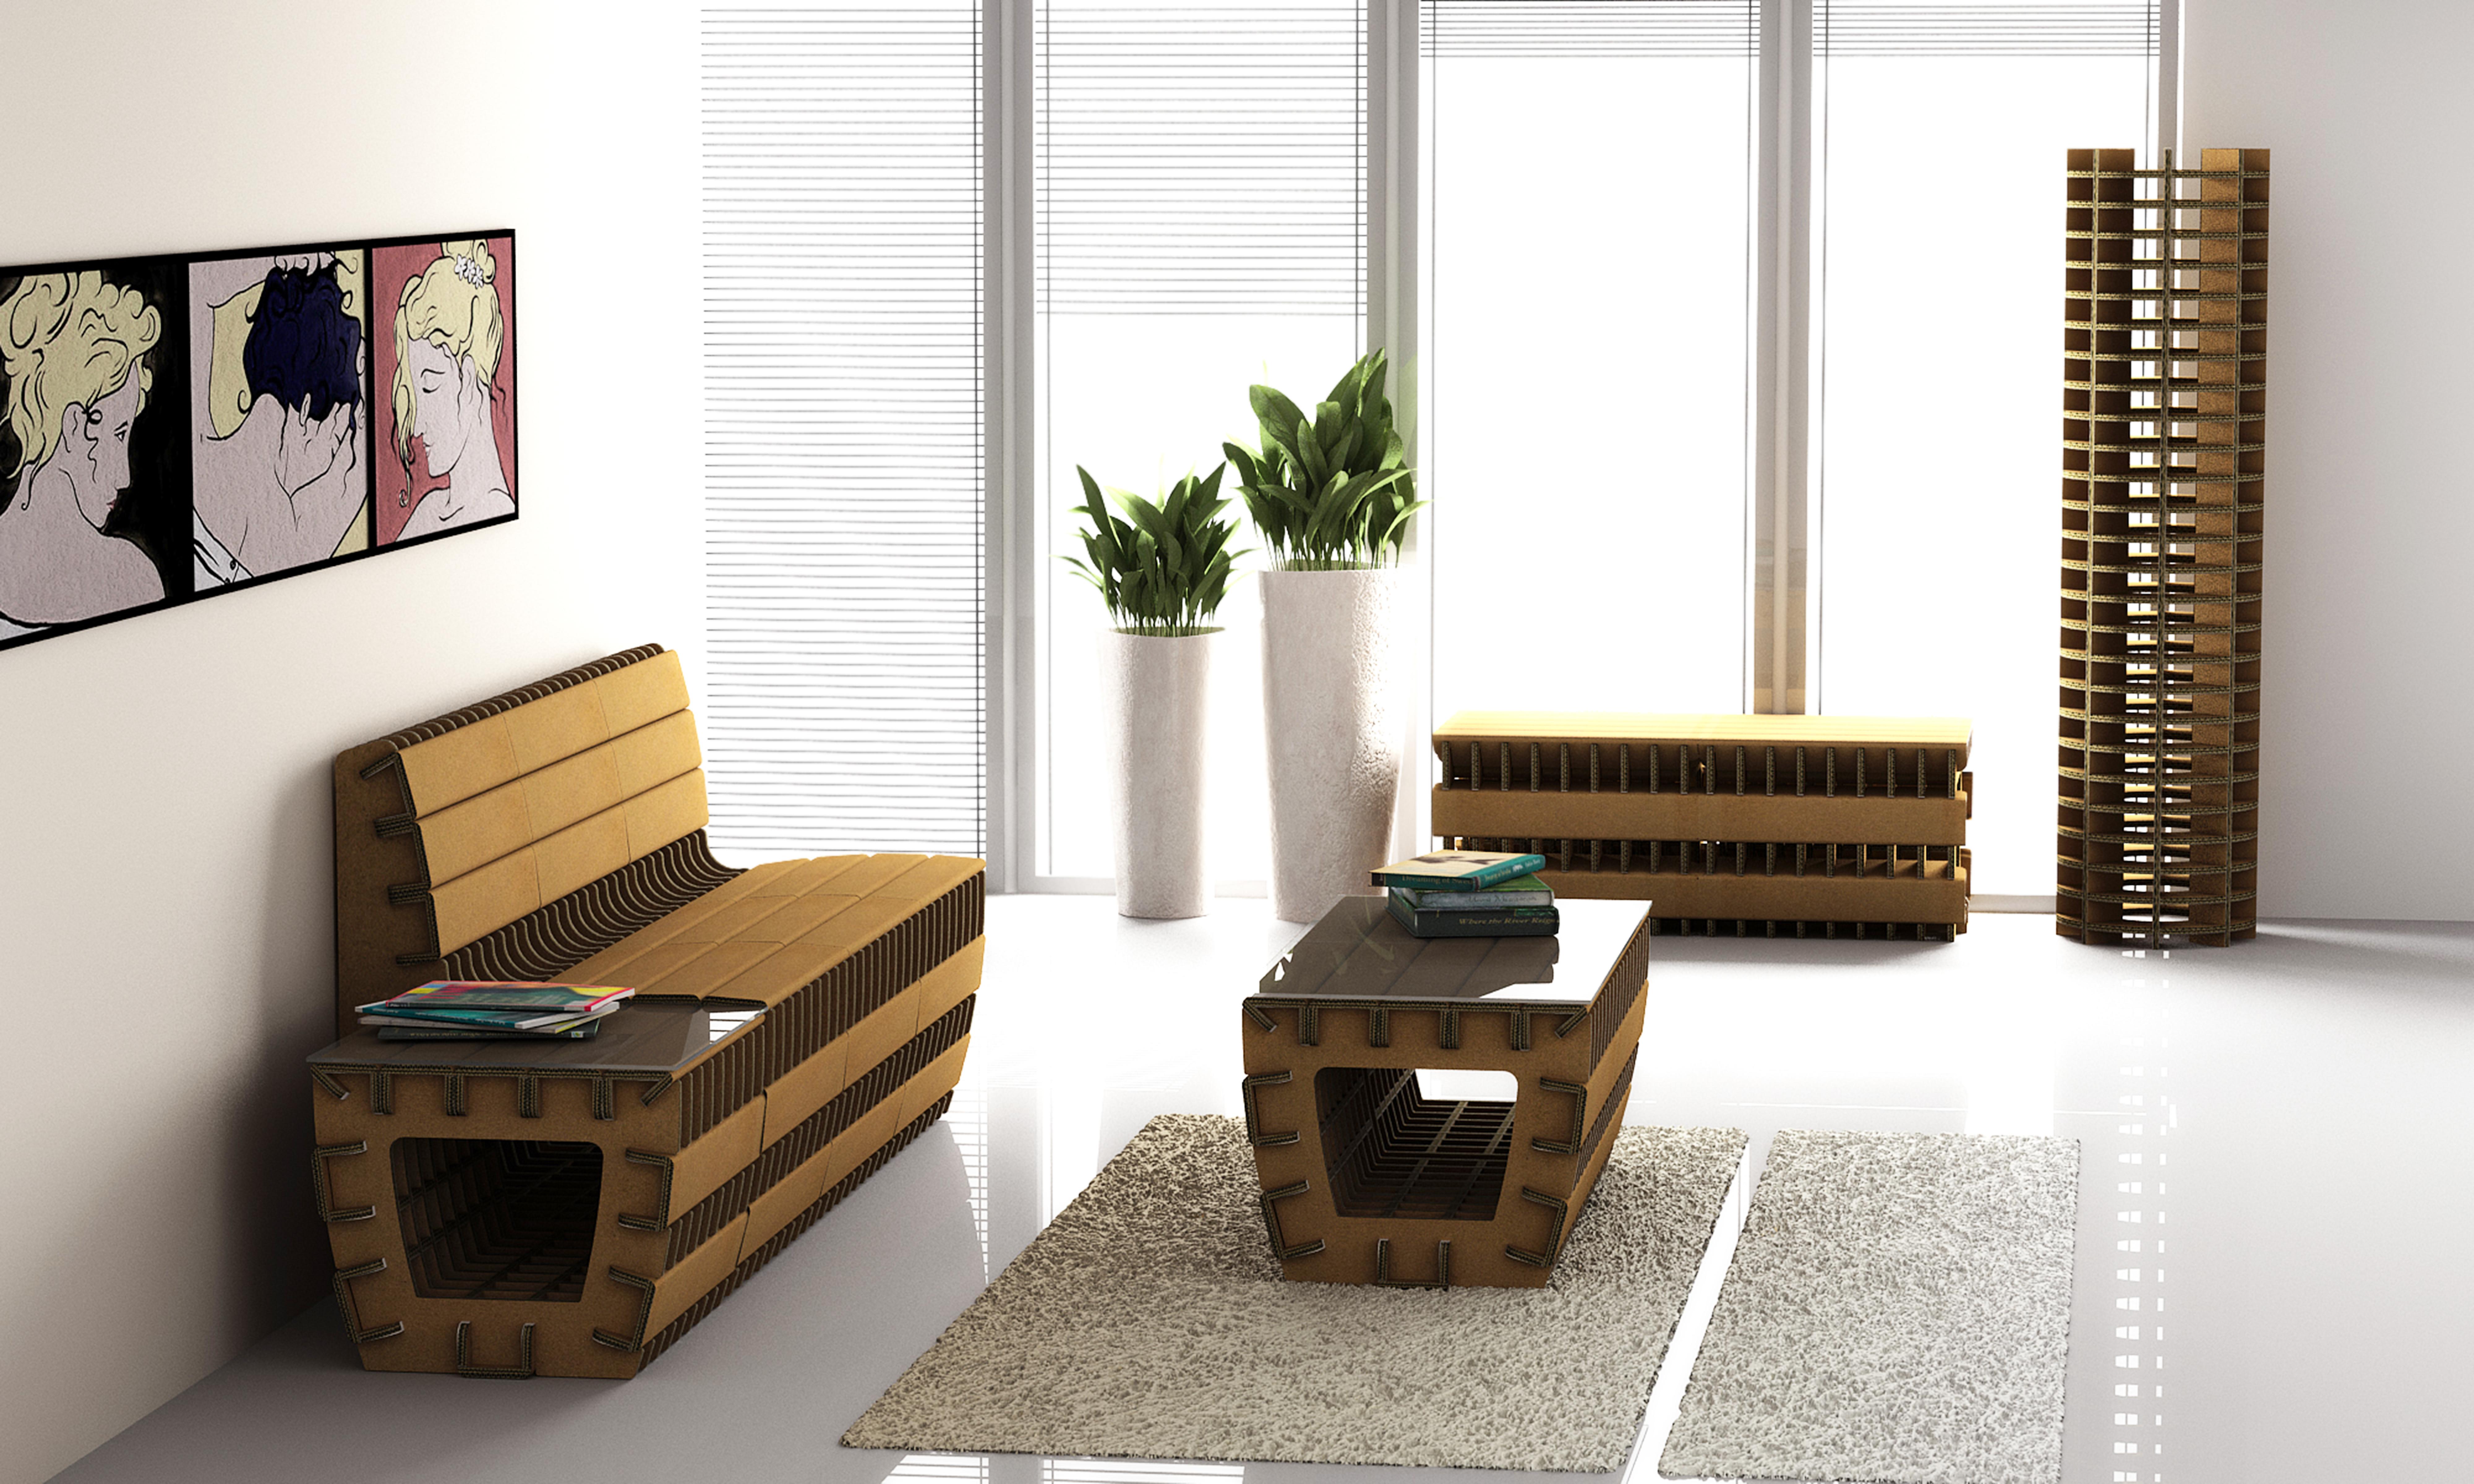 Eco design secondo mobili in cartone arredativo design for Mobili di designer